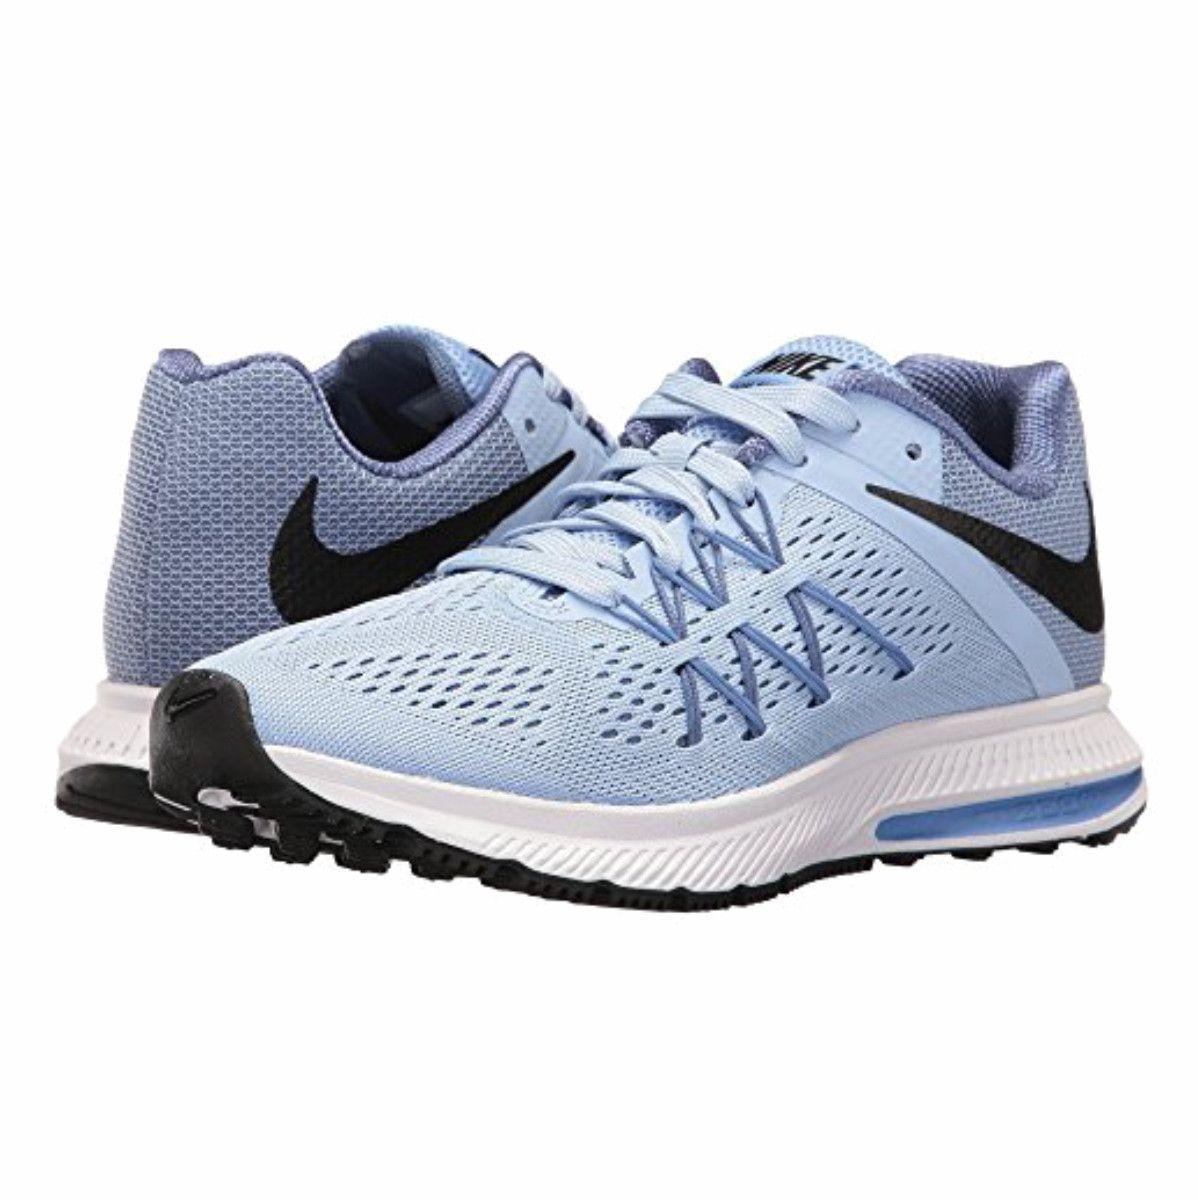 Tenis Nike Zoom Winflo 3 Azul Feminino